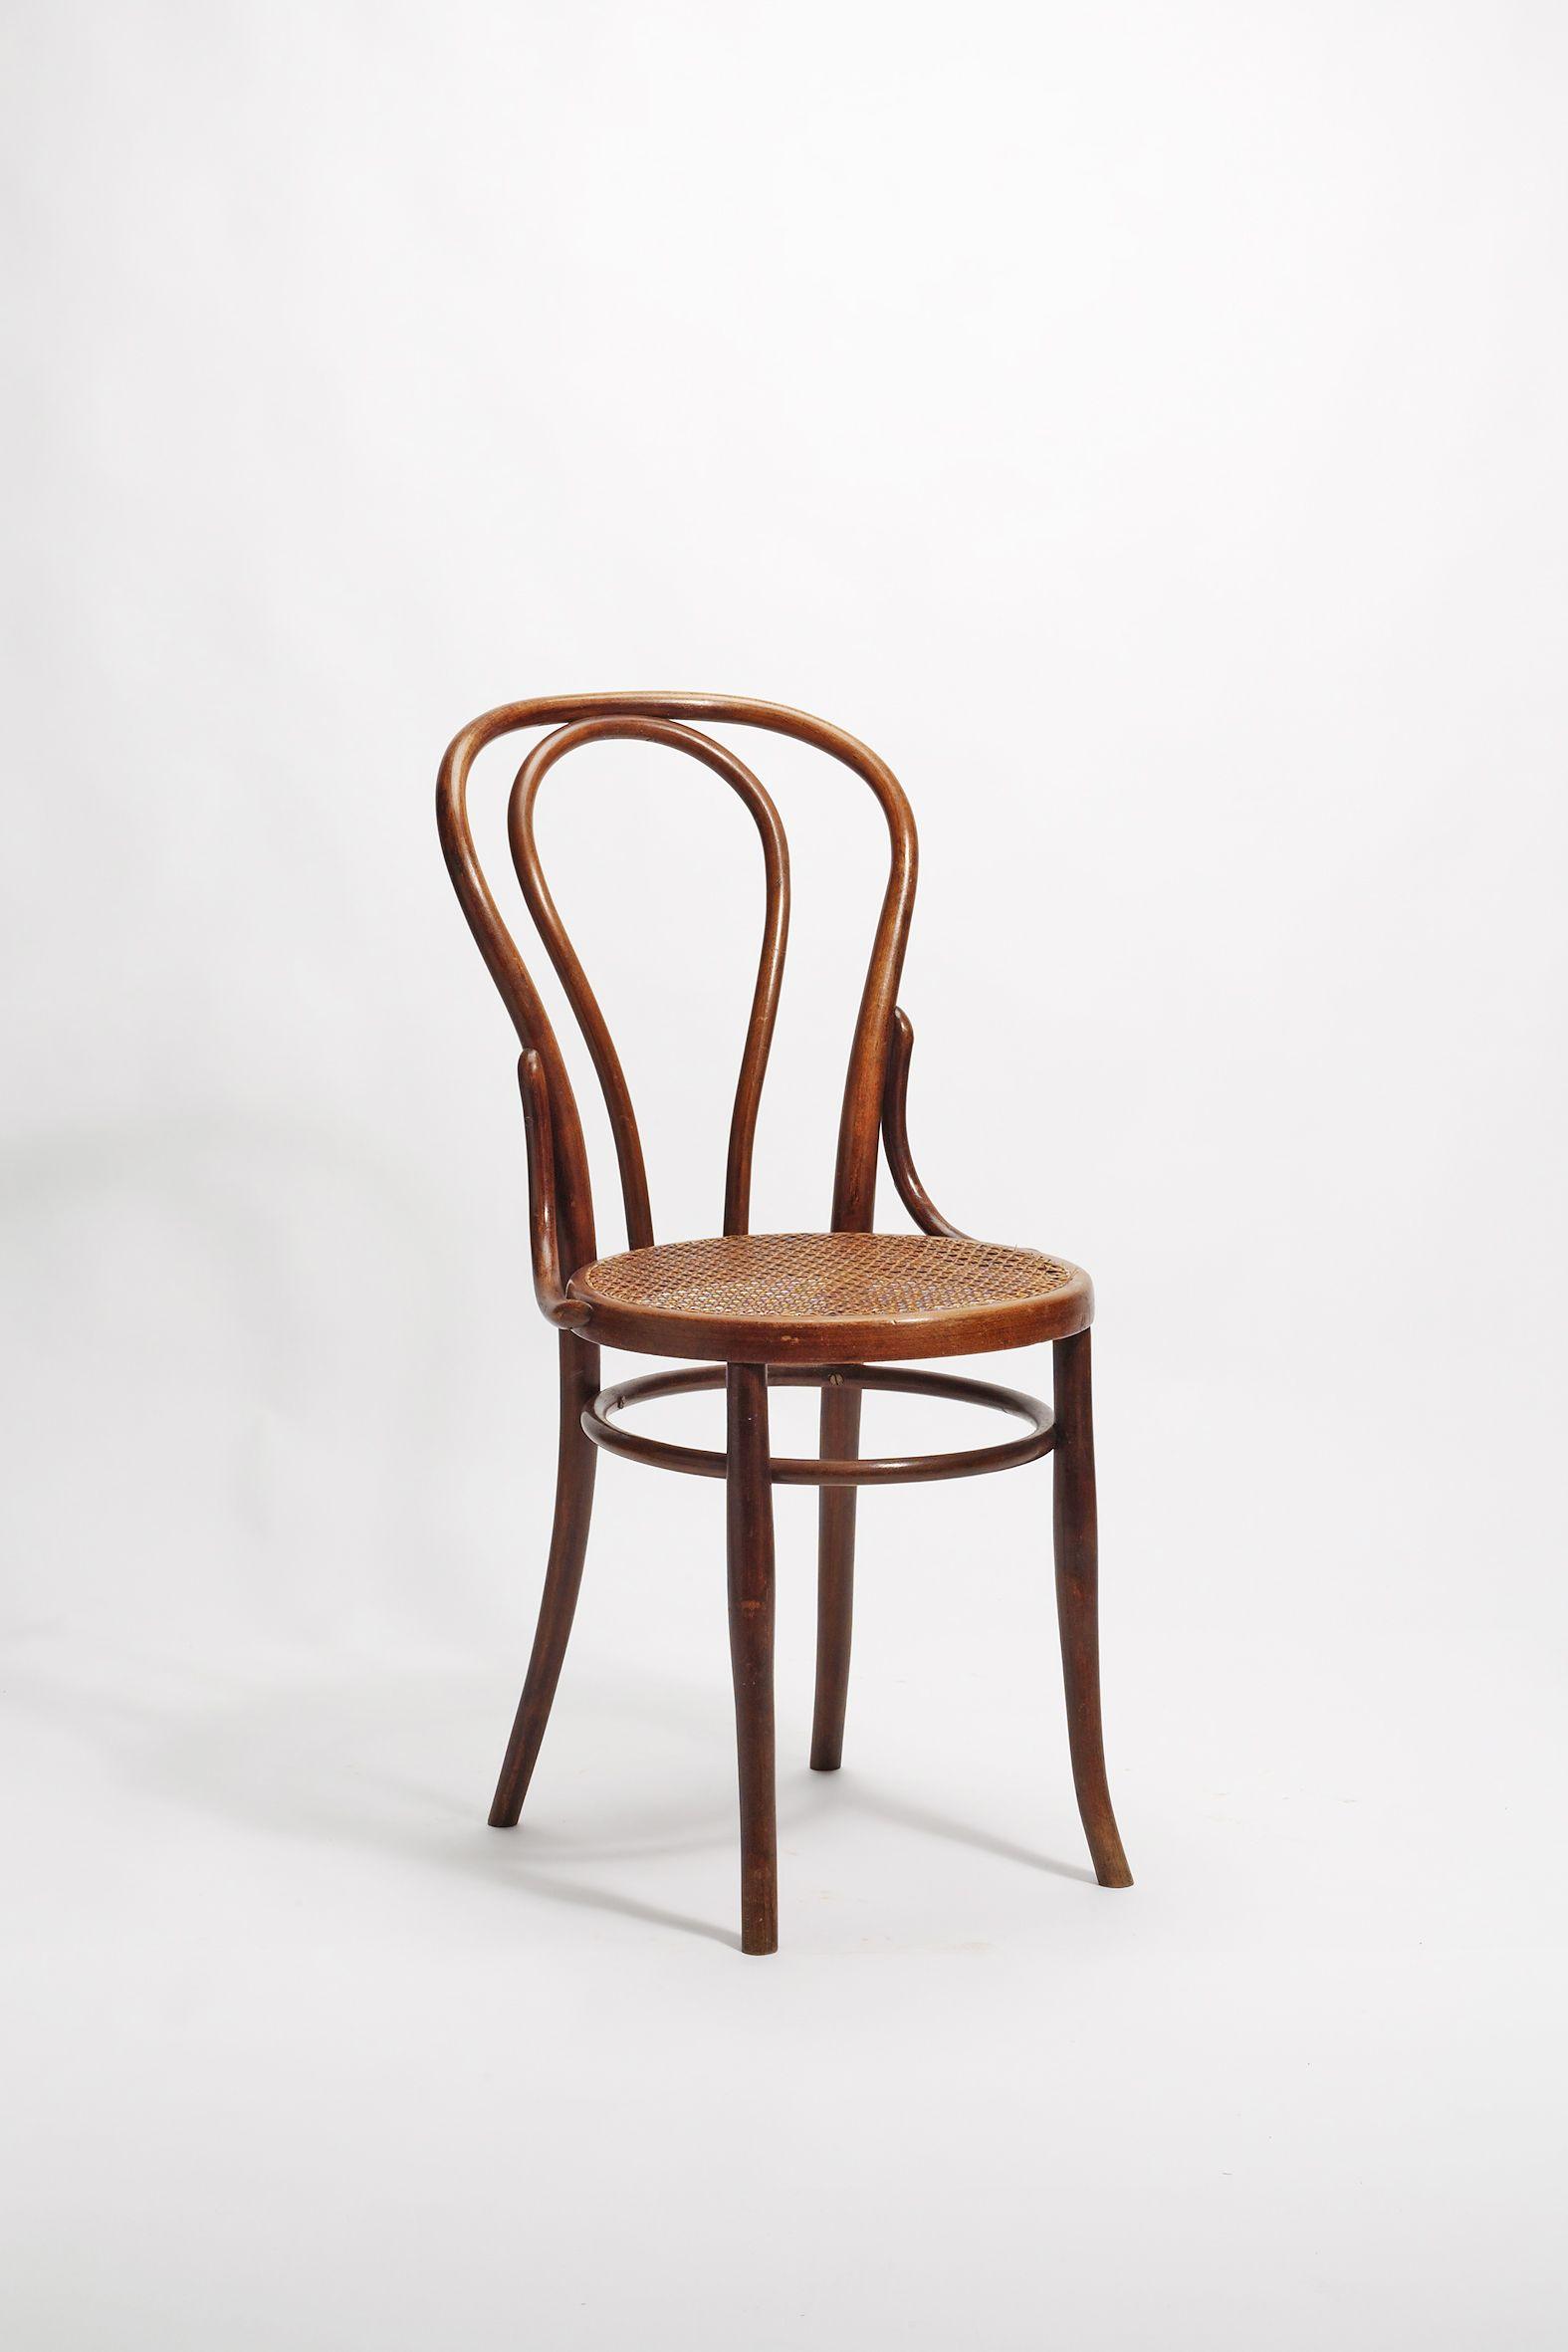 Entwurf unbekannt, Bugholzstuhl (um 1880) | SEATING | Pinterest ...